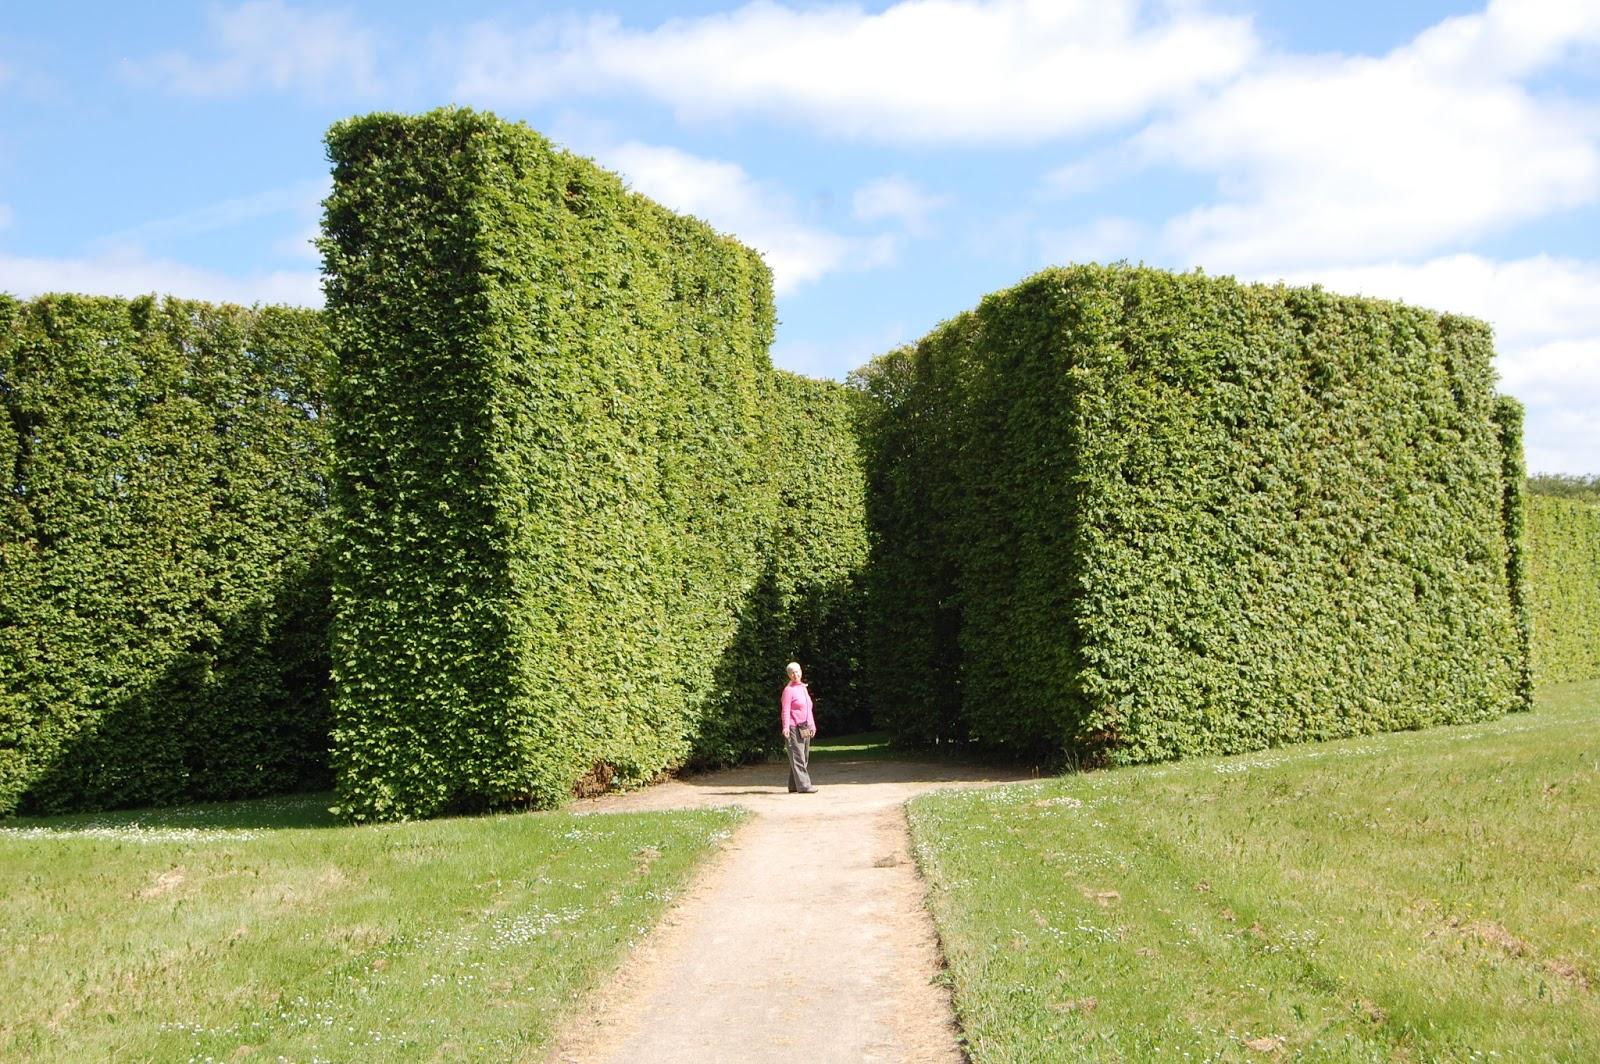 Resultado de imagen de The Geometric Gardens herning